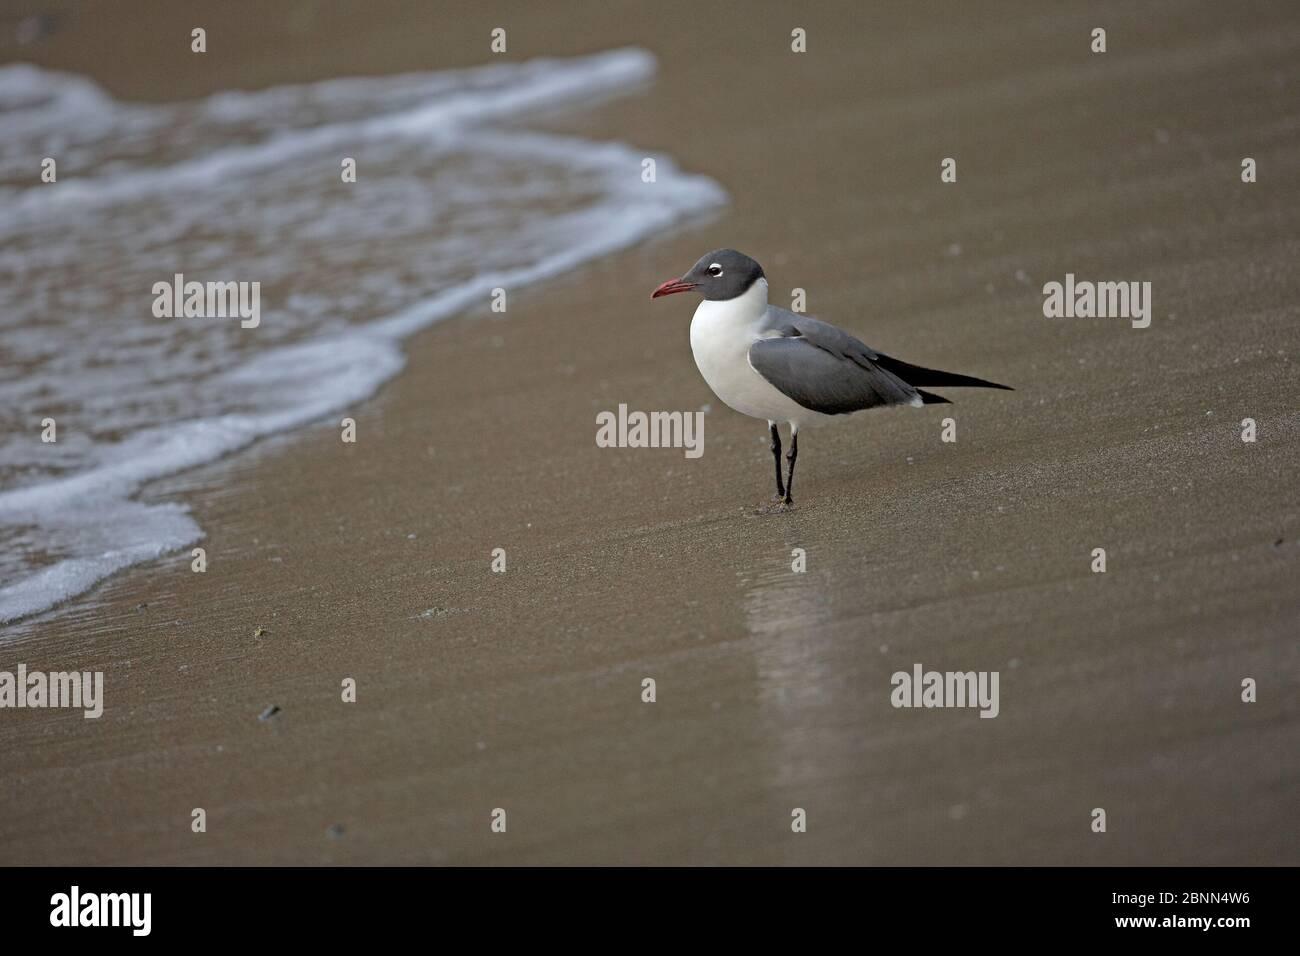 Rire (Larus atricilla) sur la plage, Trinité-et-Tobago, avril Banque D'Images